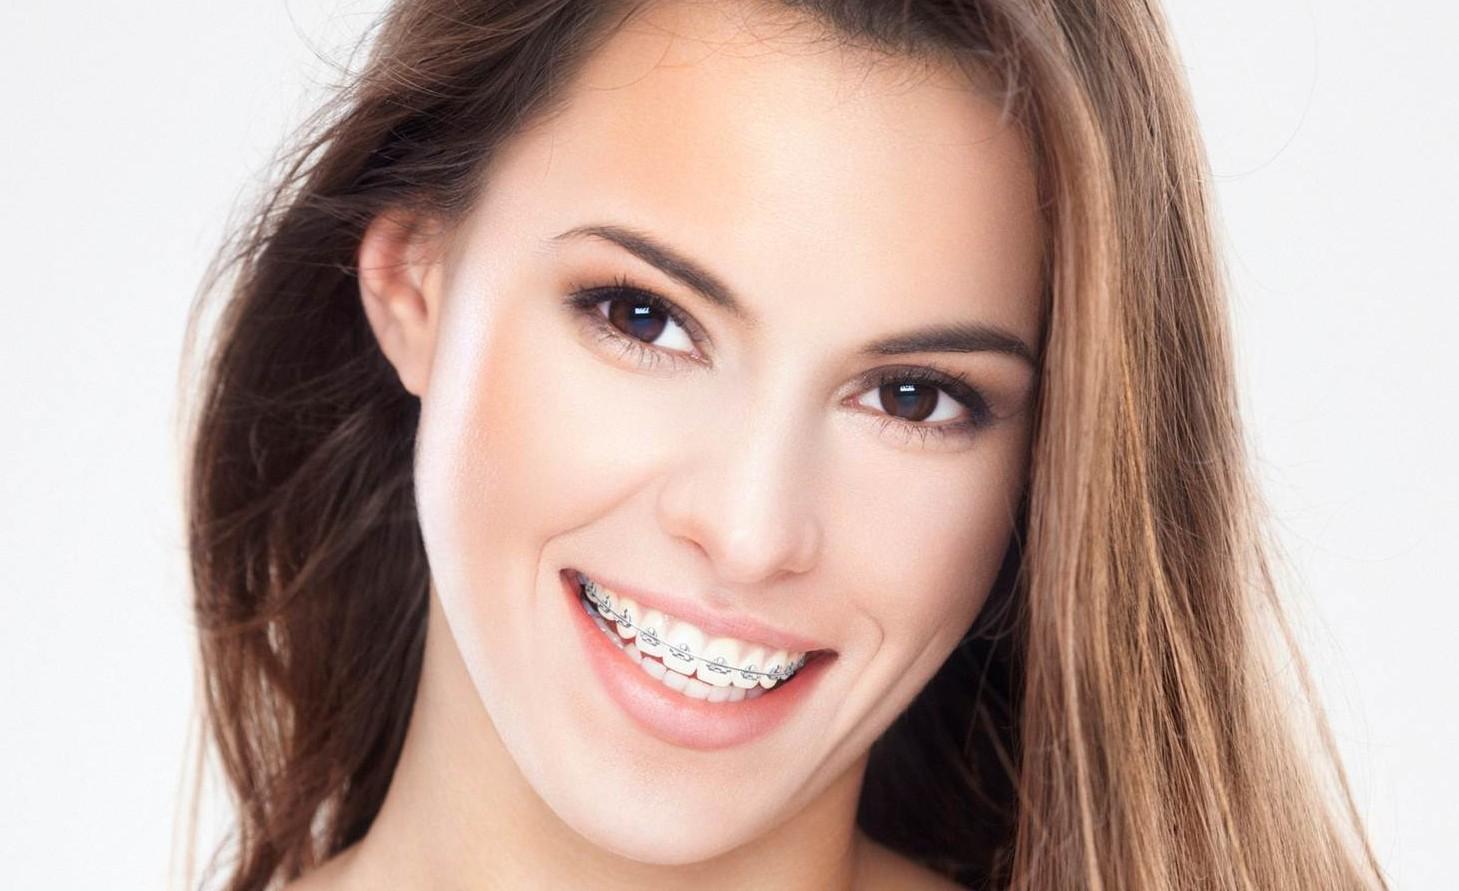 Niềng răng là một trong những biện pháp tốt để chữa cười hở lợi